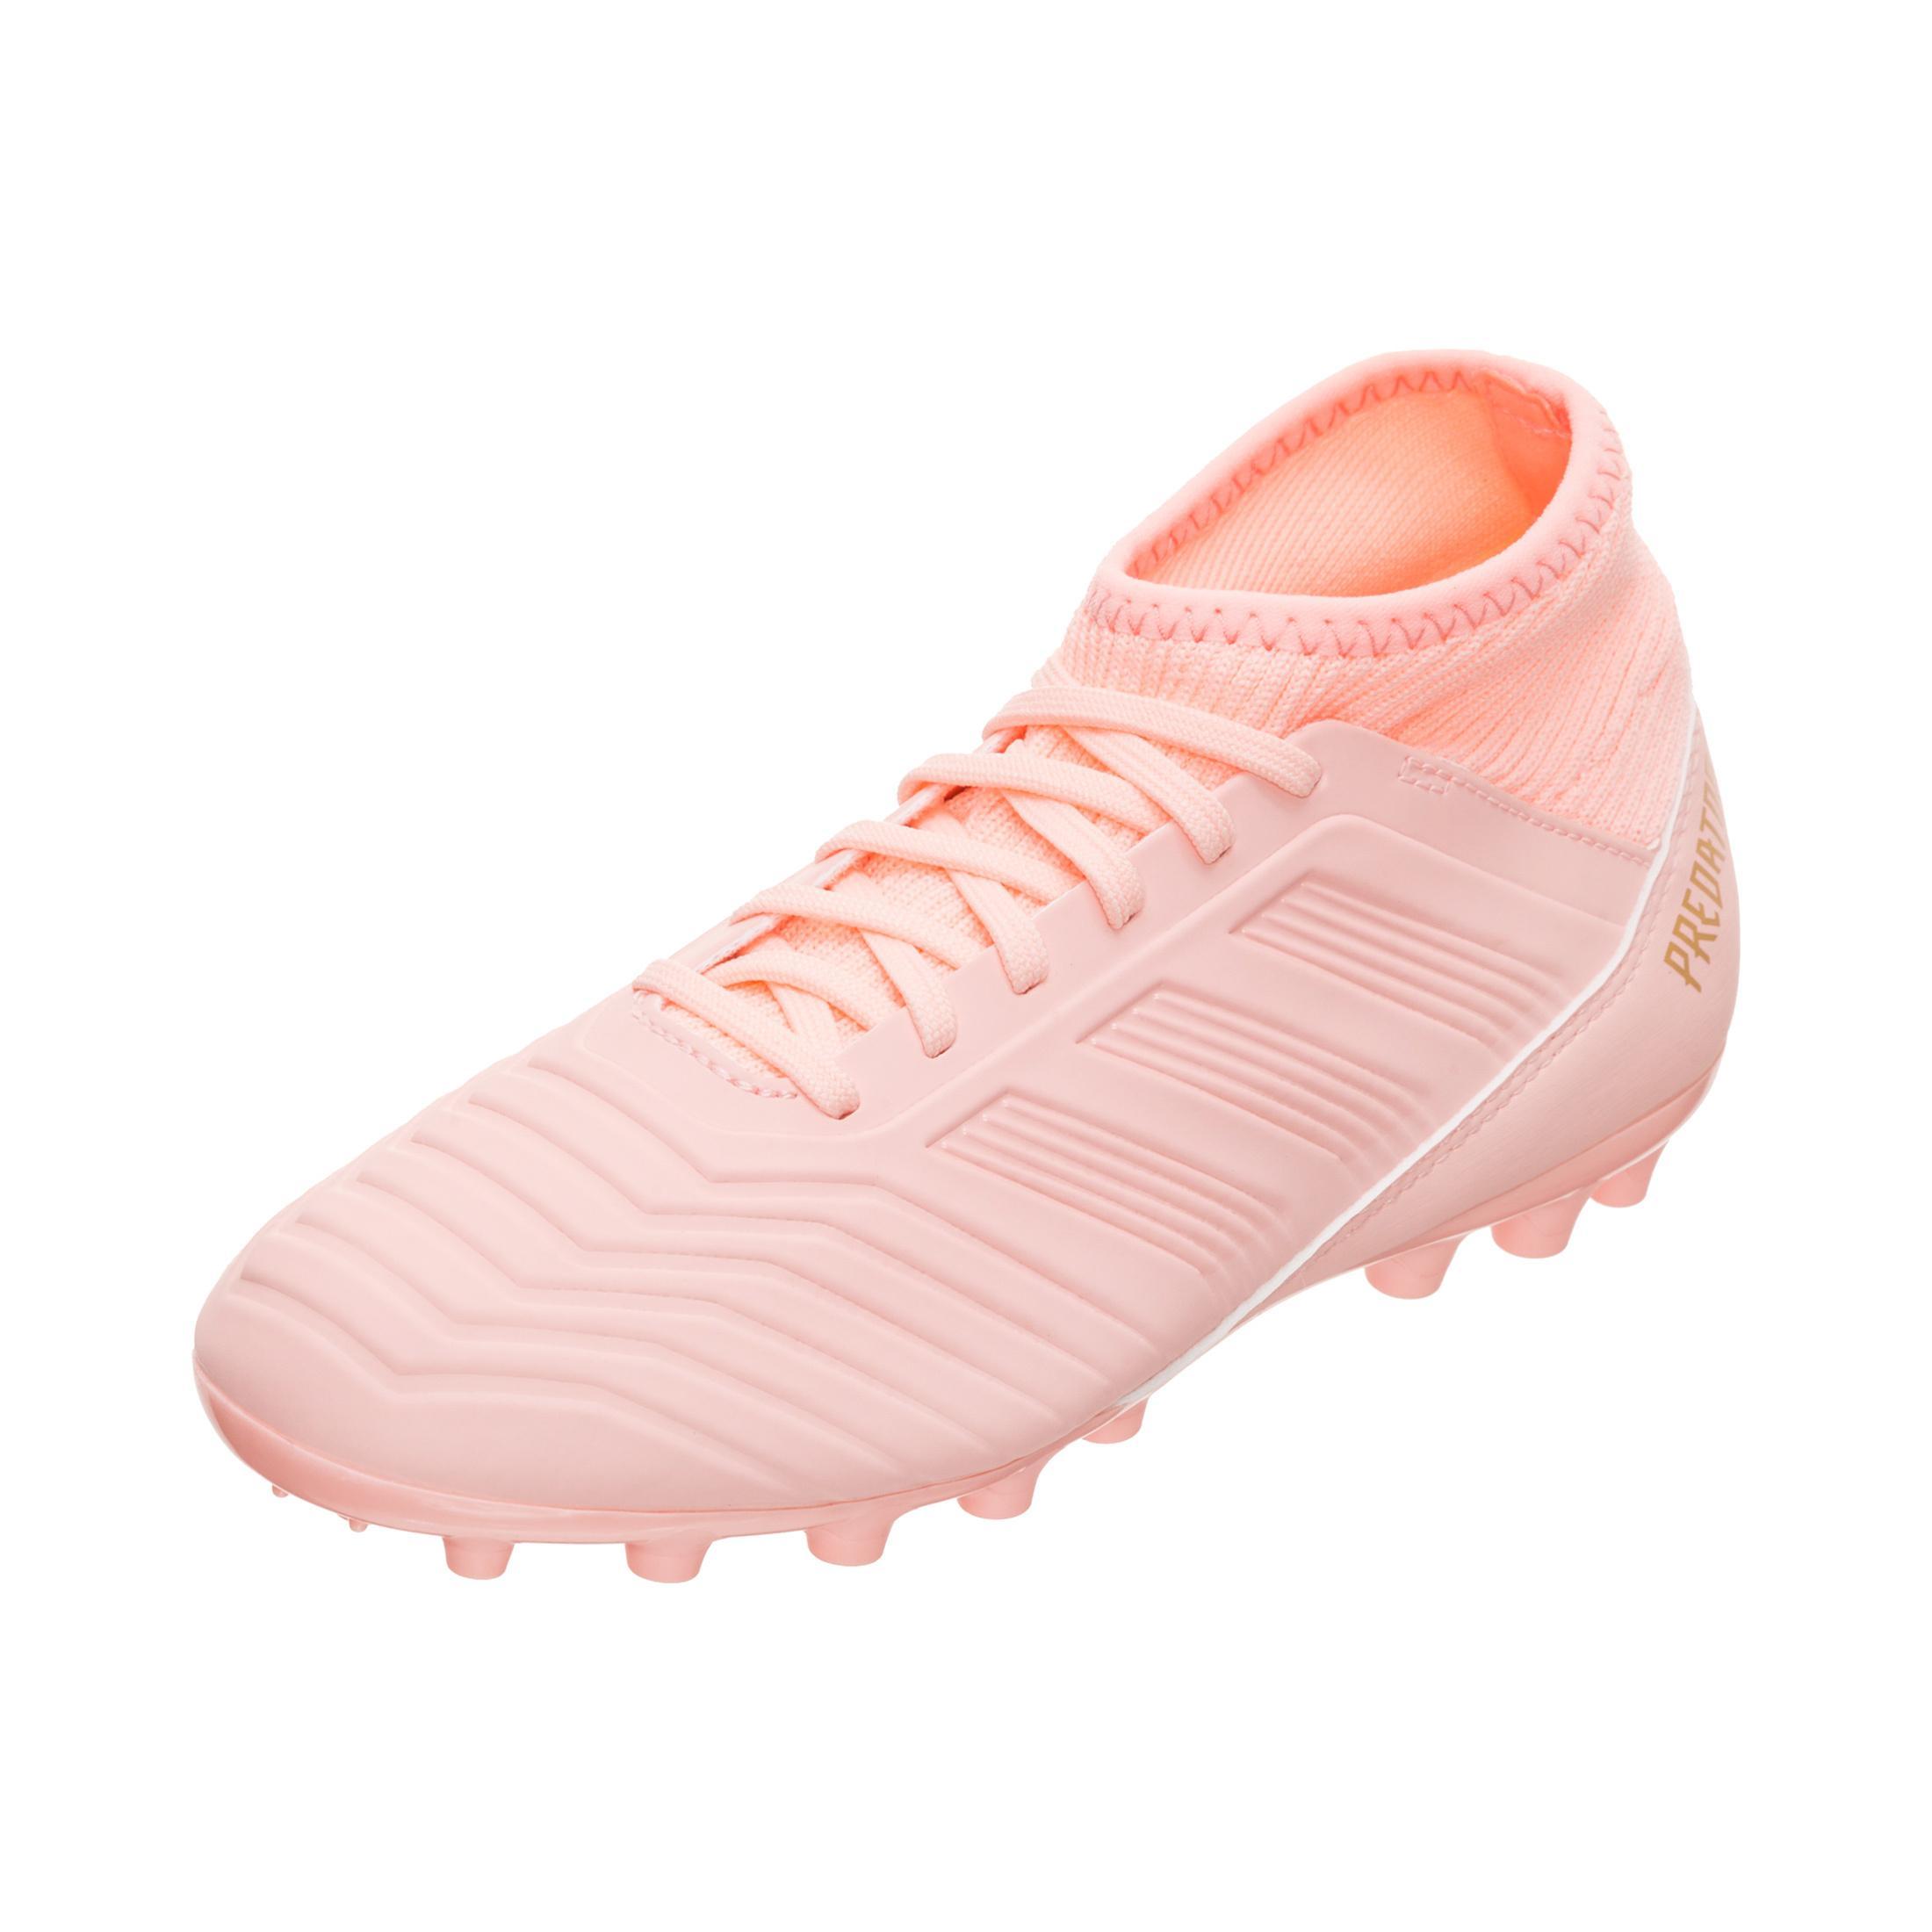 cheap for discount best shoes retail prices adidas Predator 18.3 Fußballschuhe Jungen lachs / rosa im Online Shop von  SportScheck kaufen